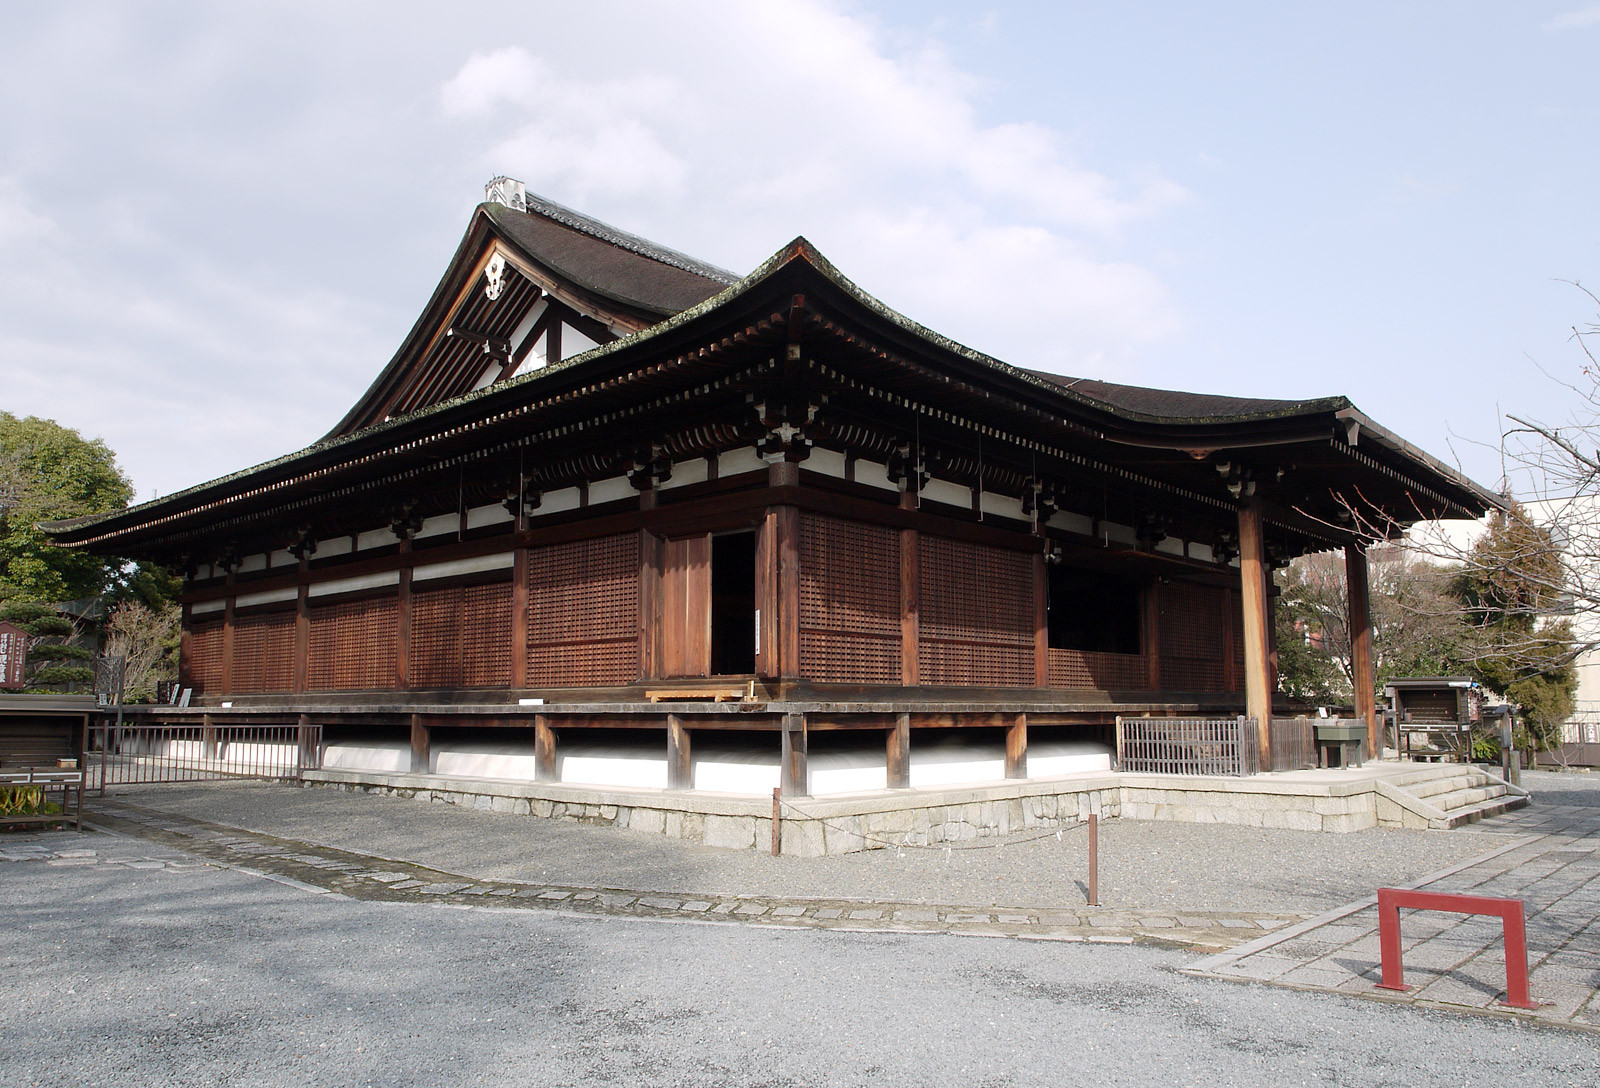 京都庭めぐりの旅 ~ 瑞応山 大報恩寺